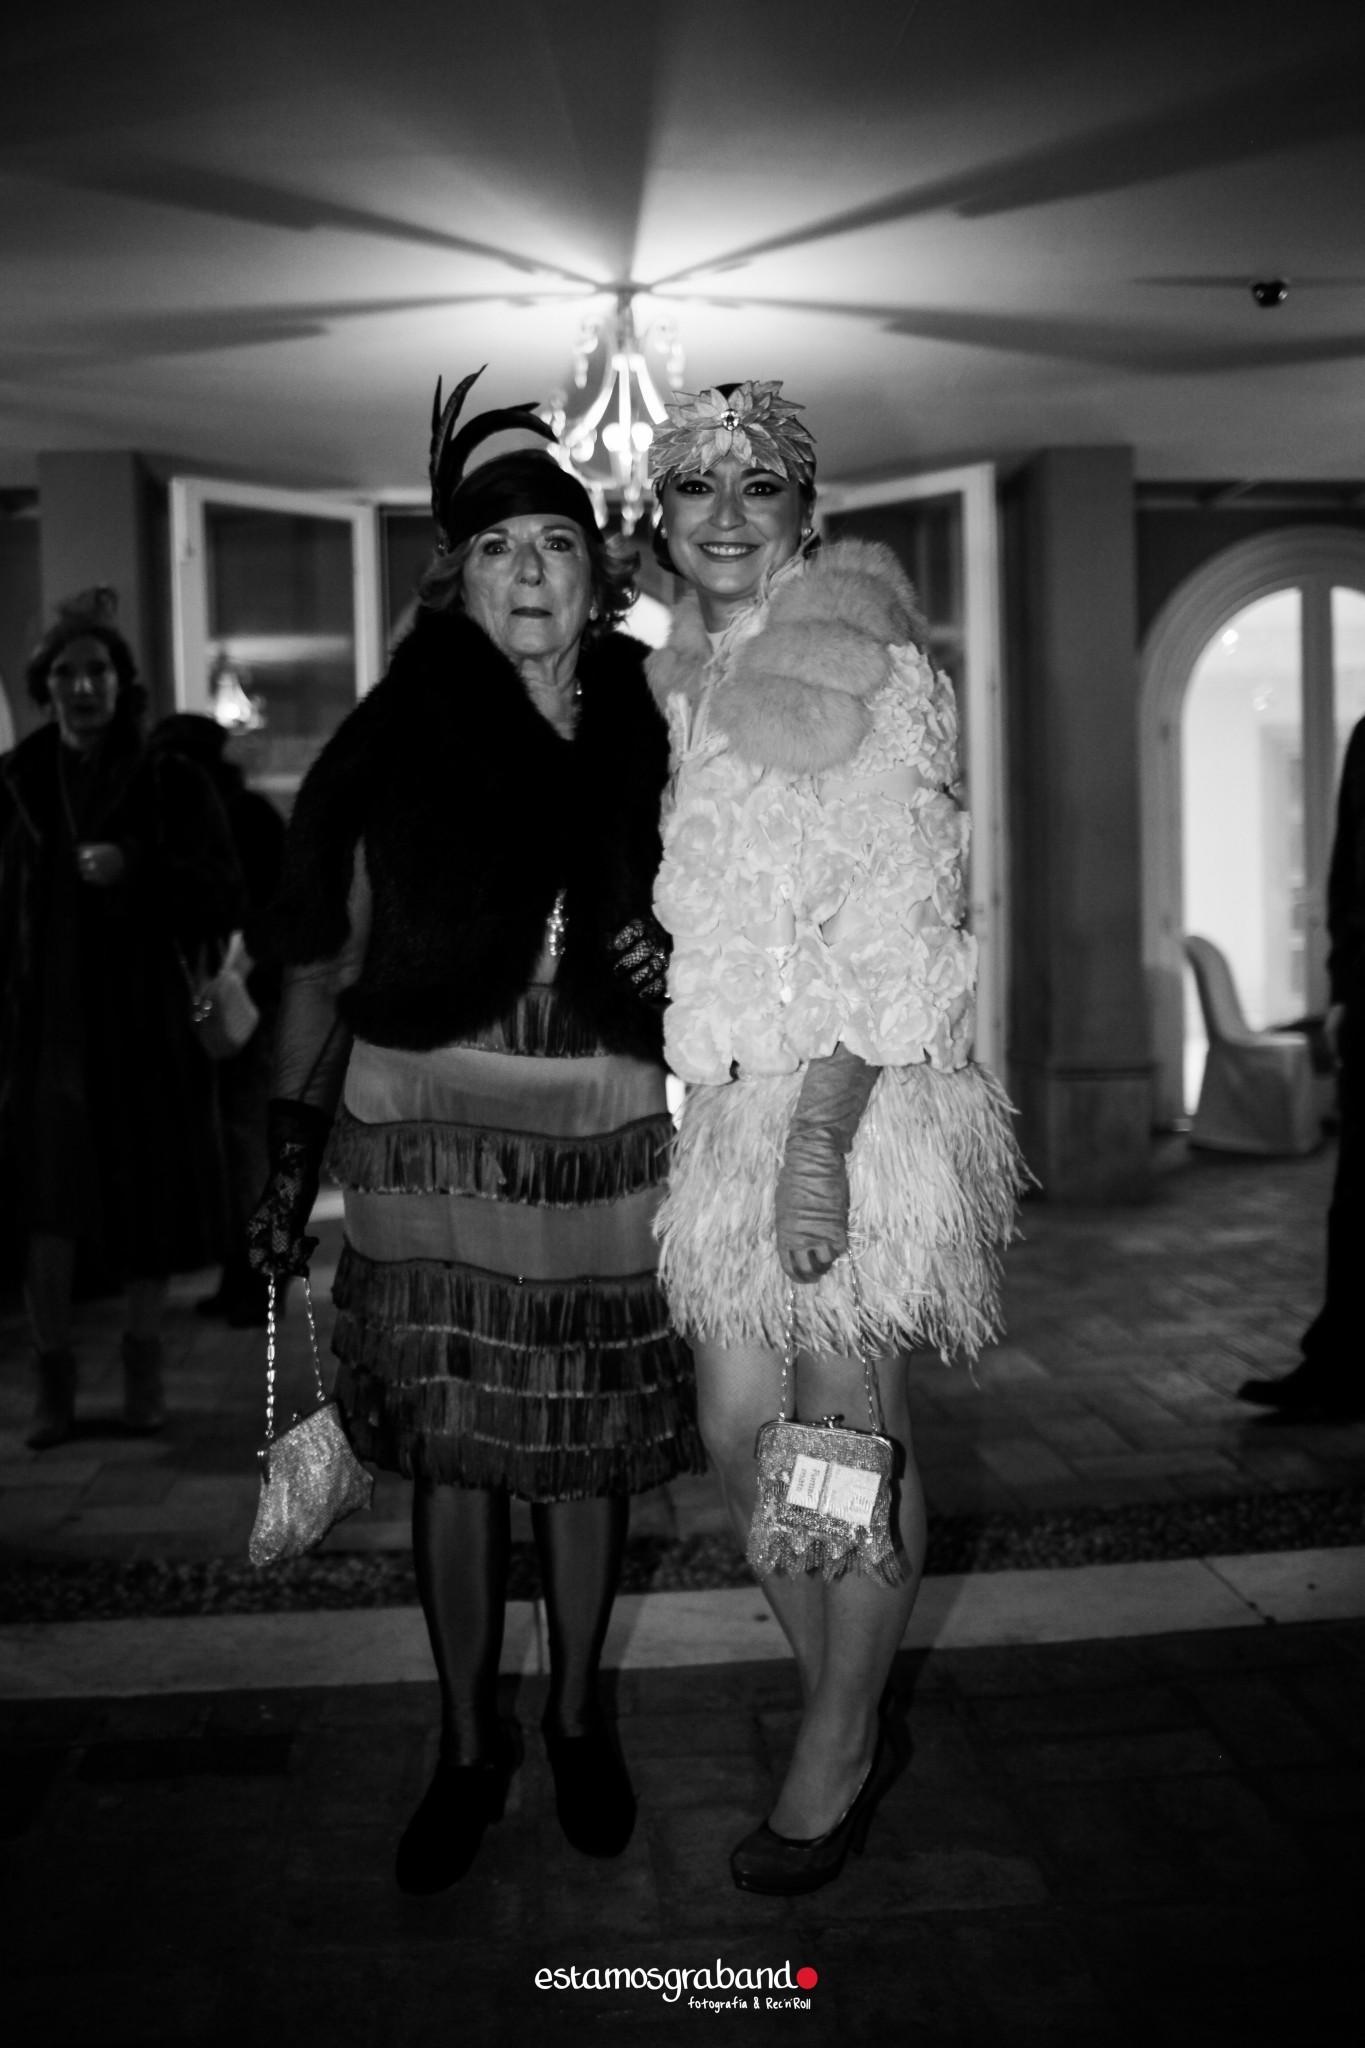 Años-20-BBTP-30-de-109 Los locos Años 20 [Fotografía en La Teta de Julieta, Cádiz] - video boda cadiz